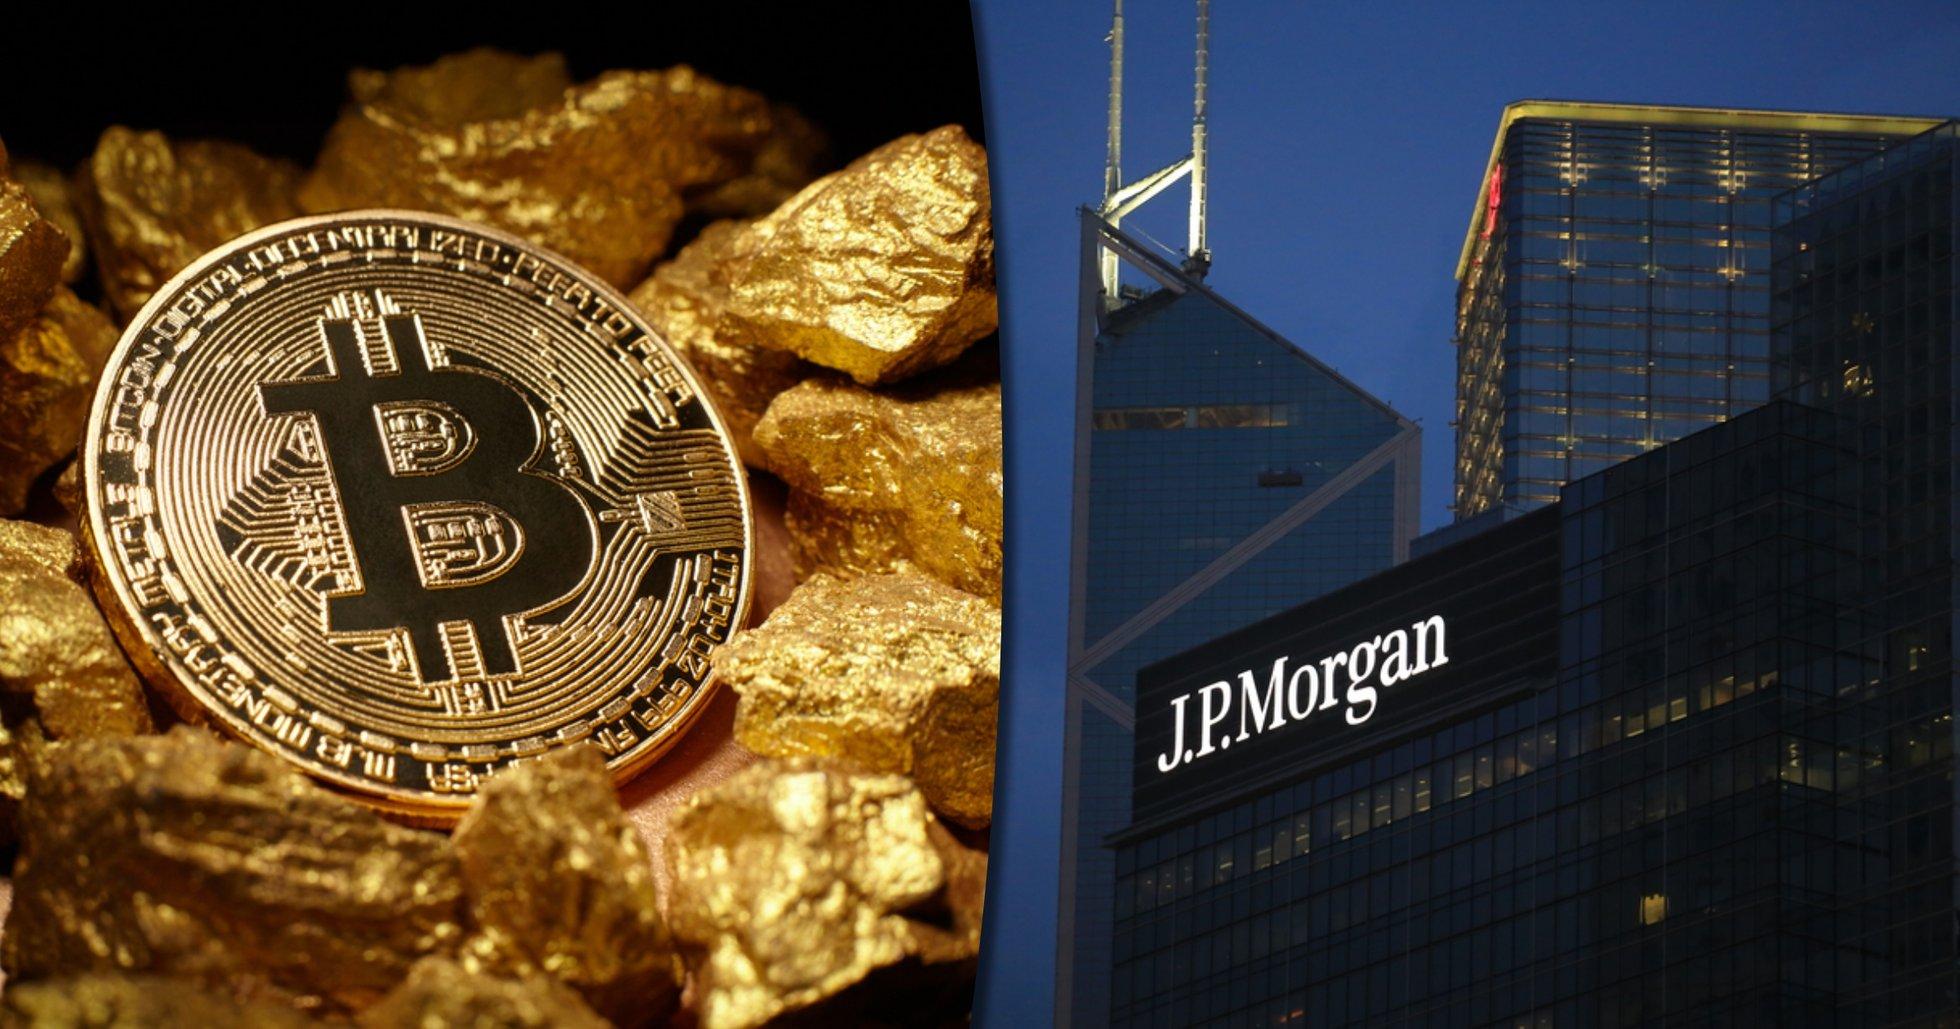 Storbanken JP Morgan: Bitcoinpriset har potential att nå 146 000 dollar